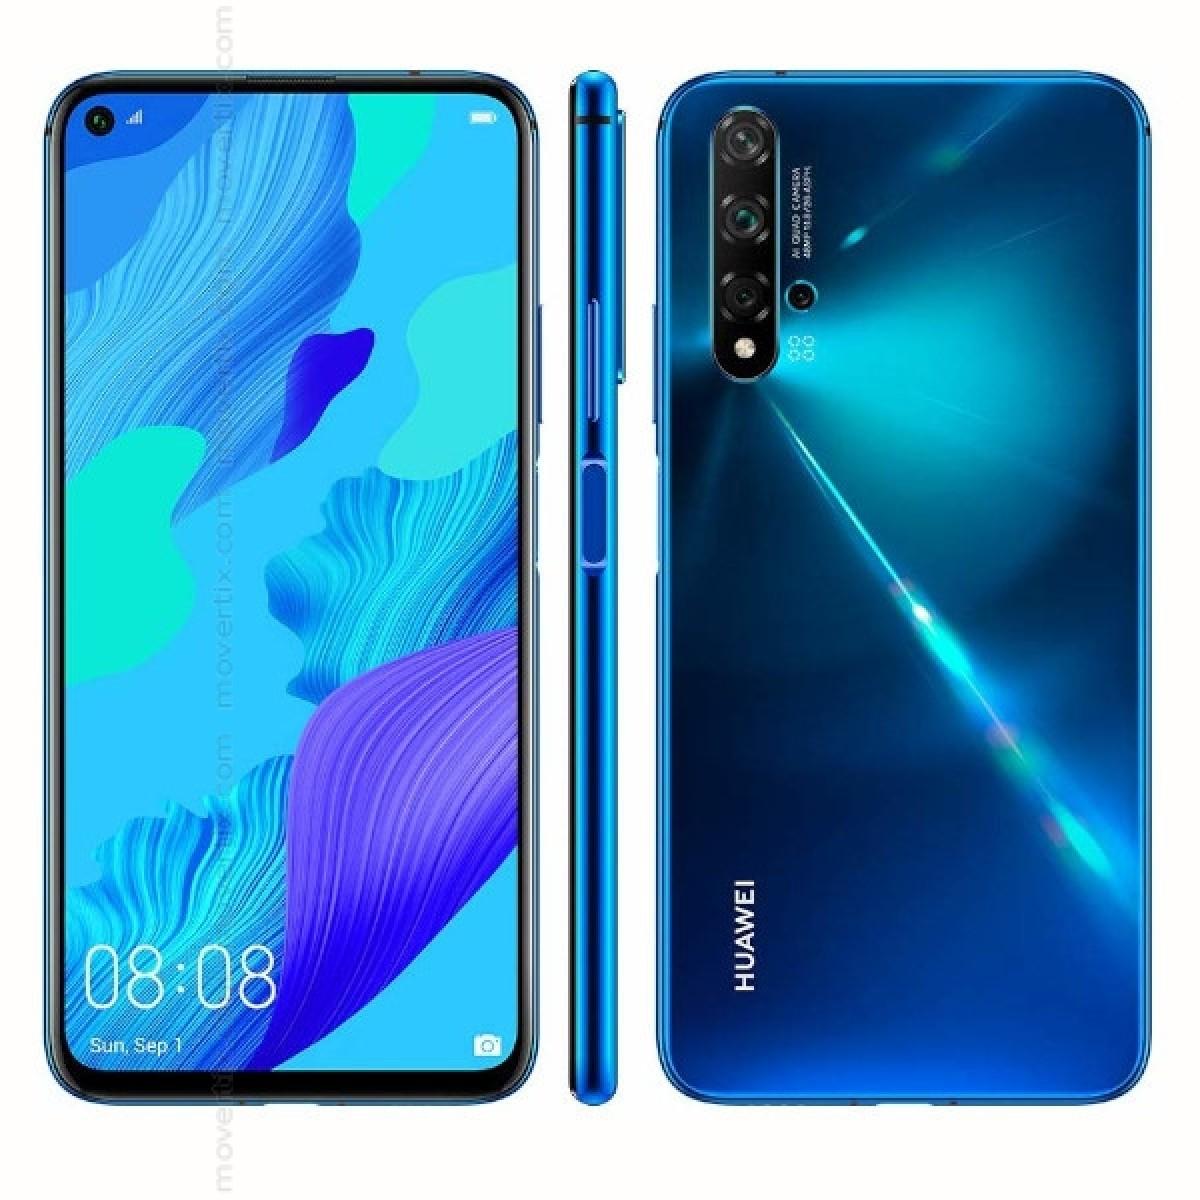 El Ghazawy HUAWEI NOVA 5T 8 128GB CRUSH BLUE